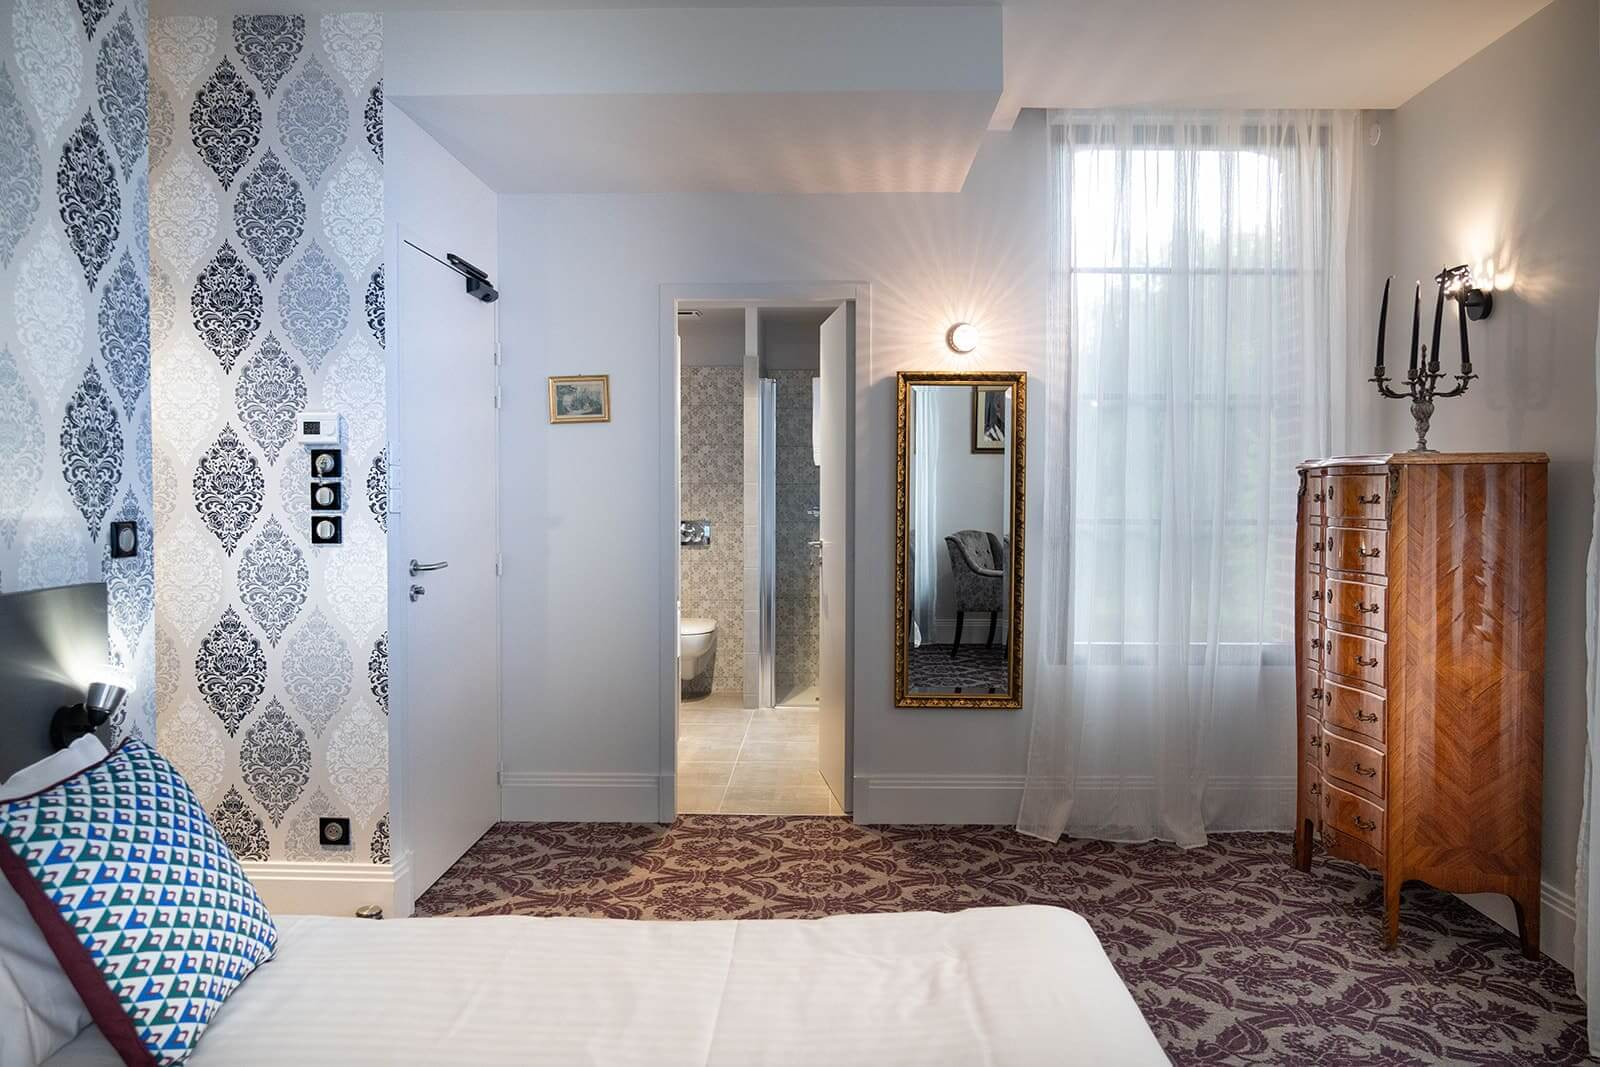 Chambre Chambres Prestiges | Le Manoir de Joséphine - 9